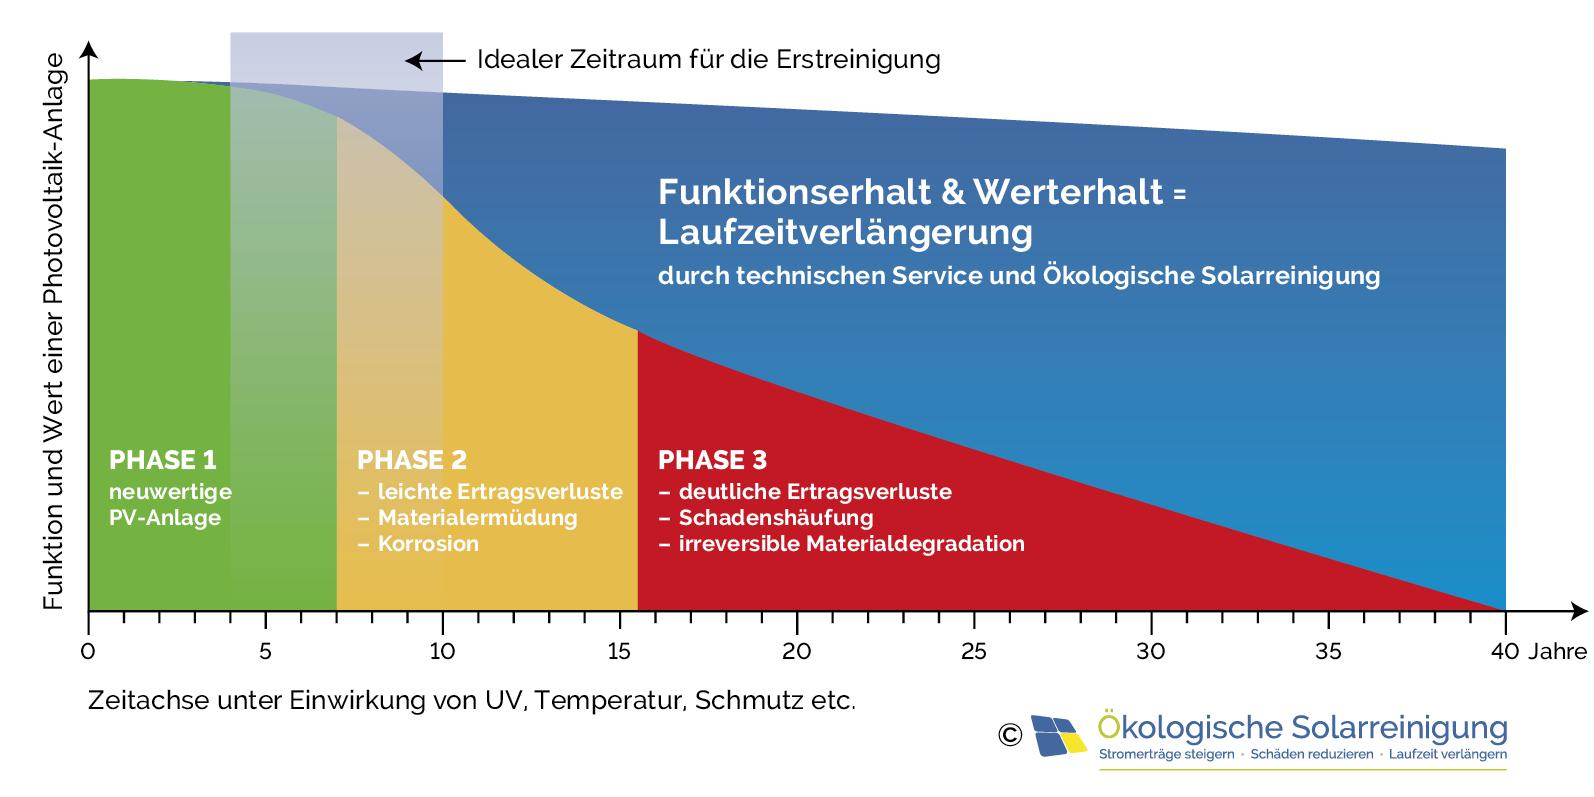 Unsere Photovoltaik Reinigung mit integriertem Produkt Lebenszyklus Management verlängert die Lebensdauer von PV Anlagen.